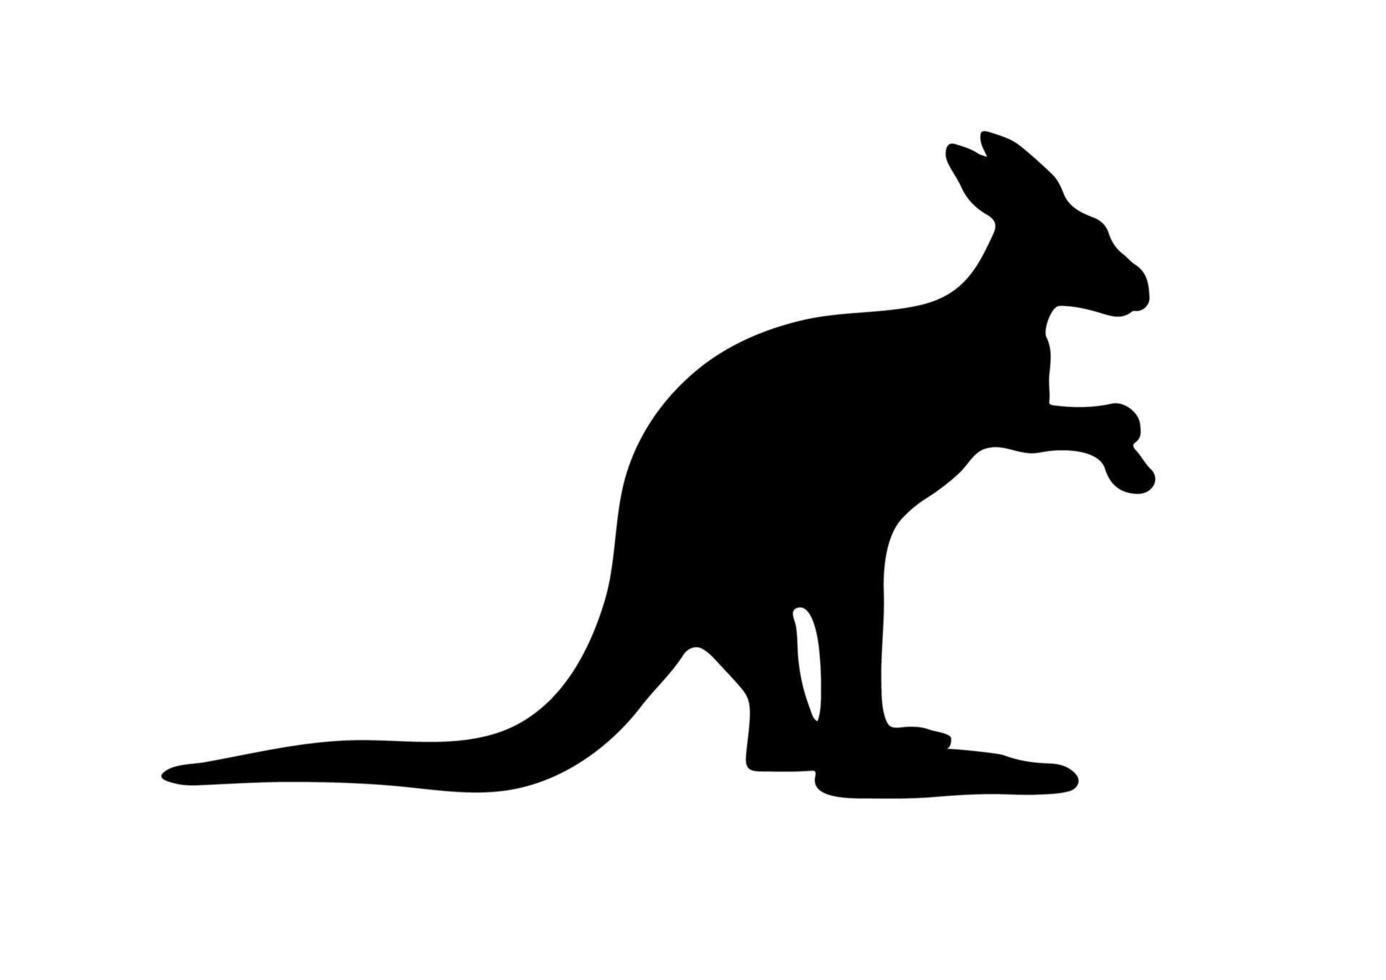 schwarze Silhouette eines australischen Kängurus auf weißem Hintergrund. vektor